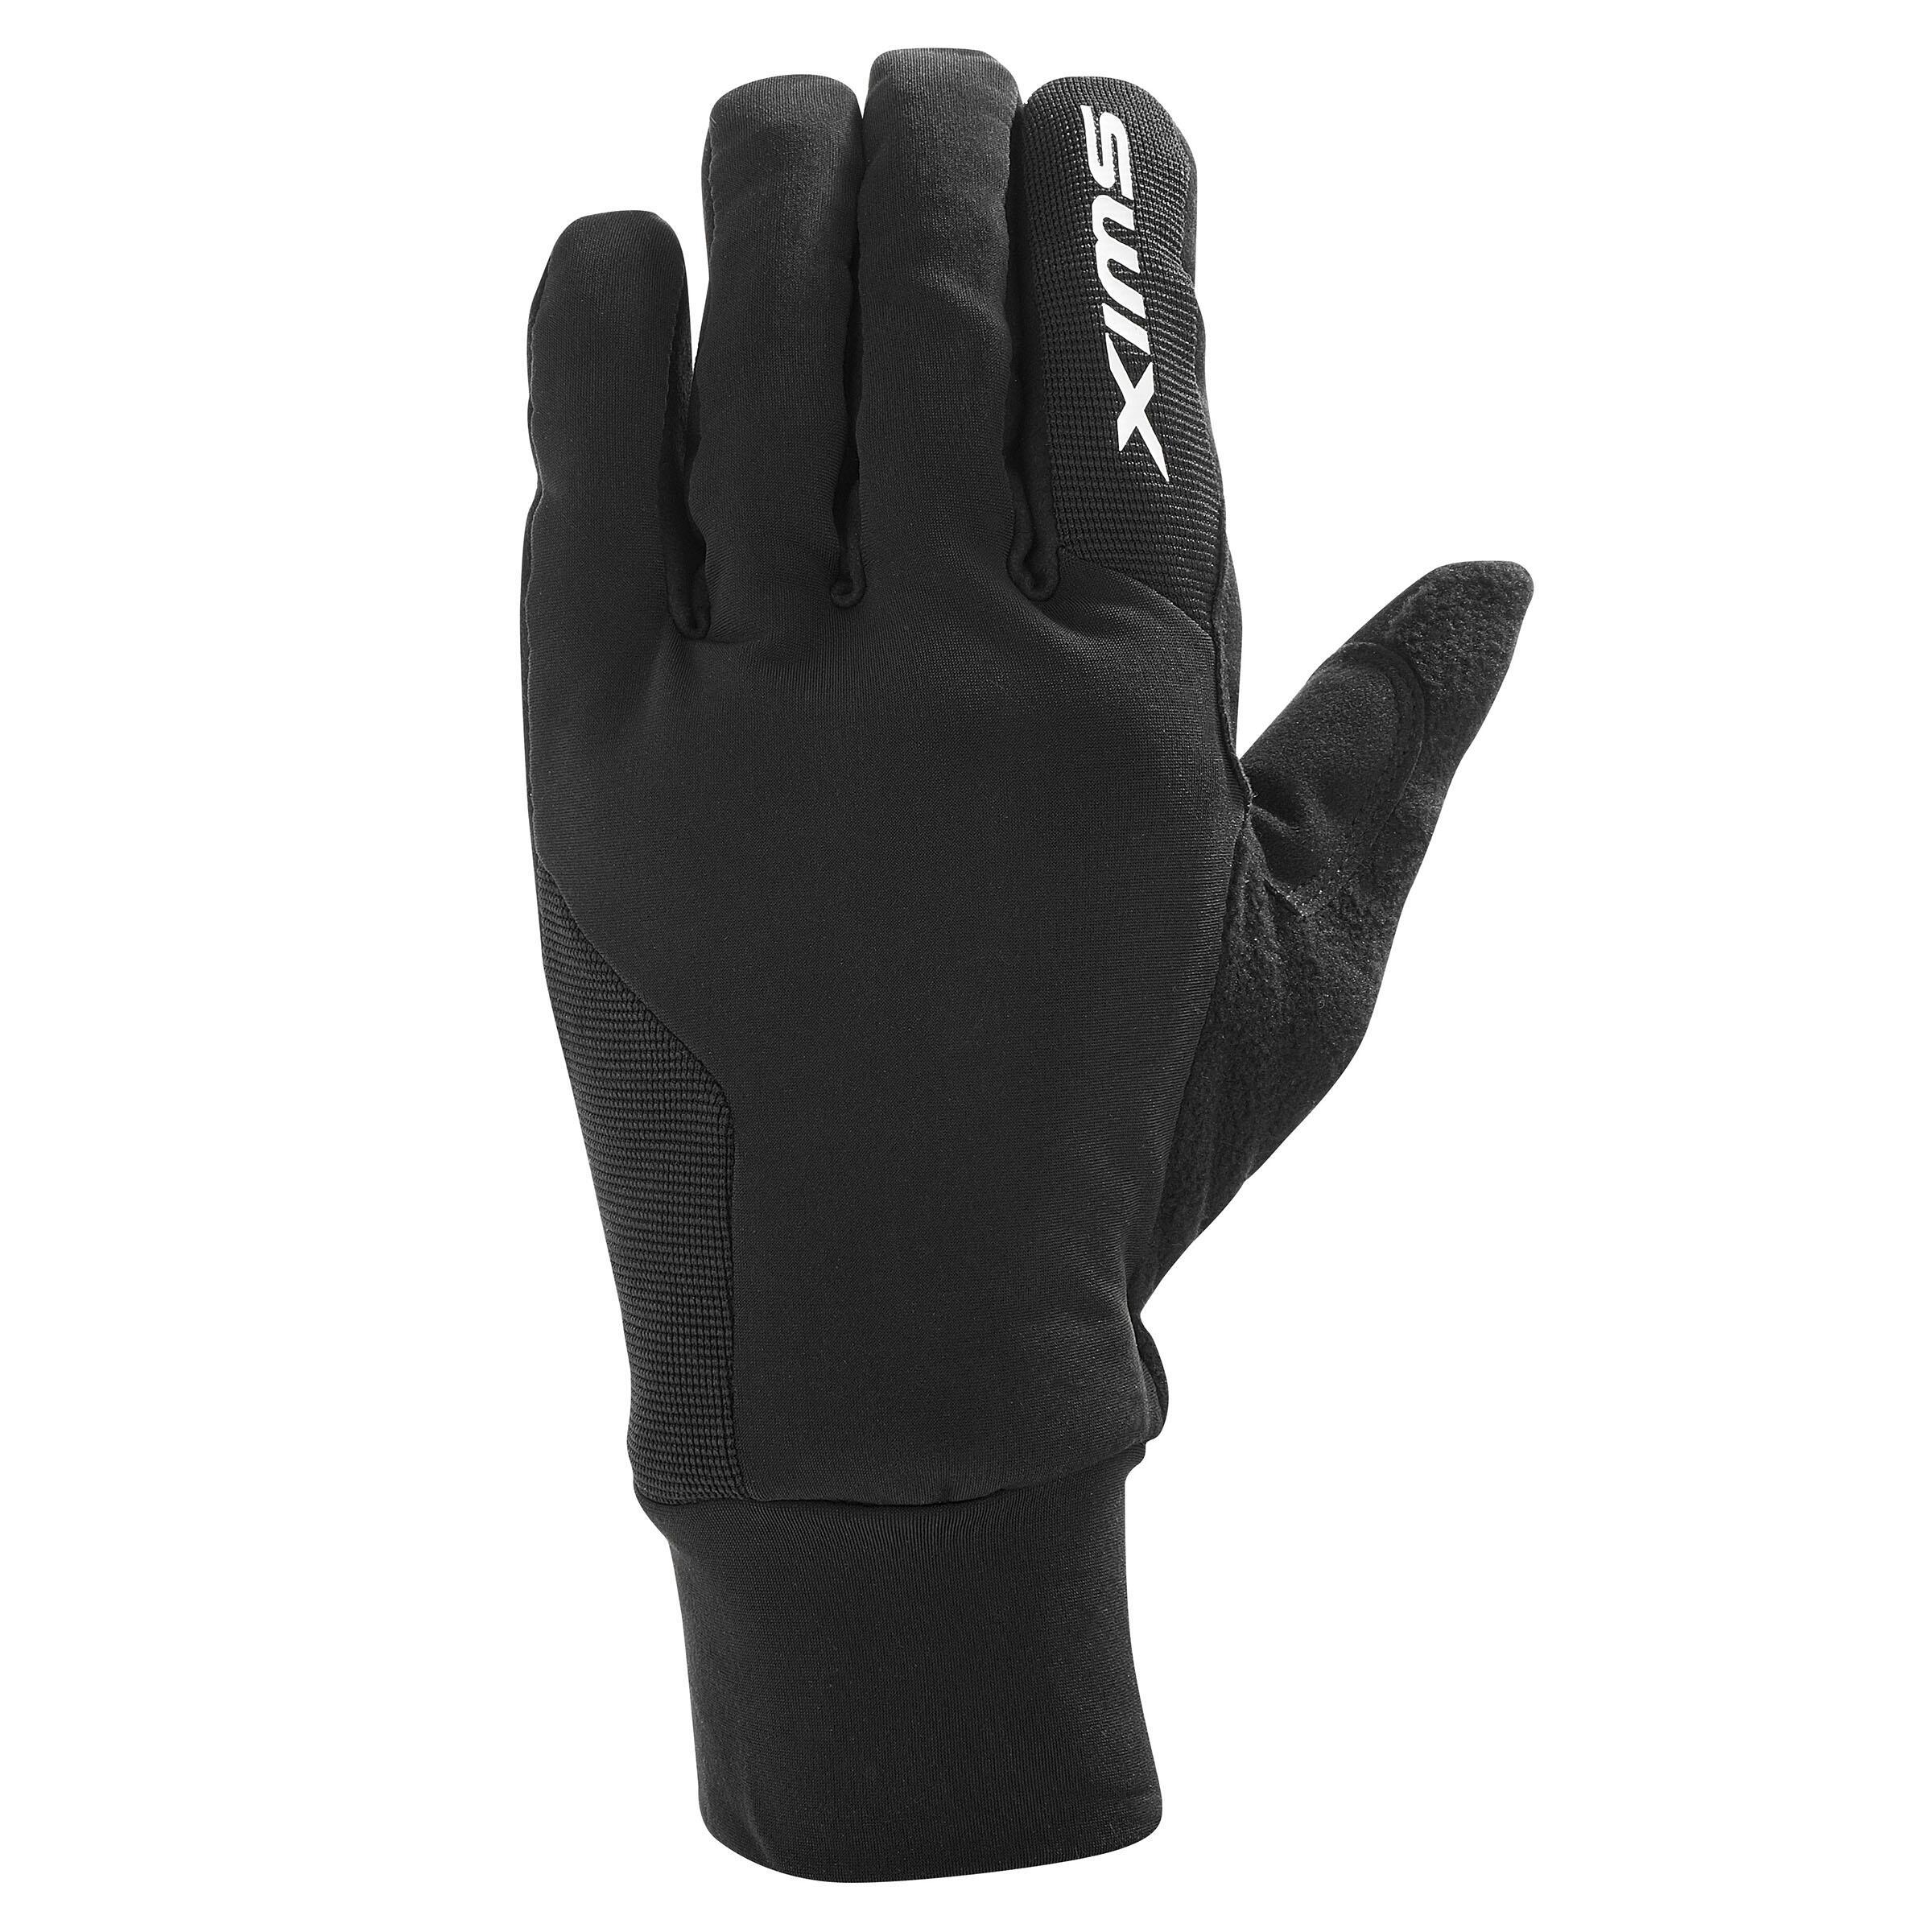 Swix Langlaufhandschoenen voor heren XC S Lynx zwart thumbnail